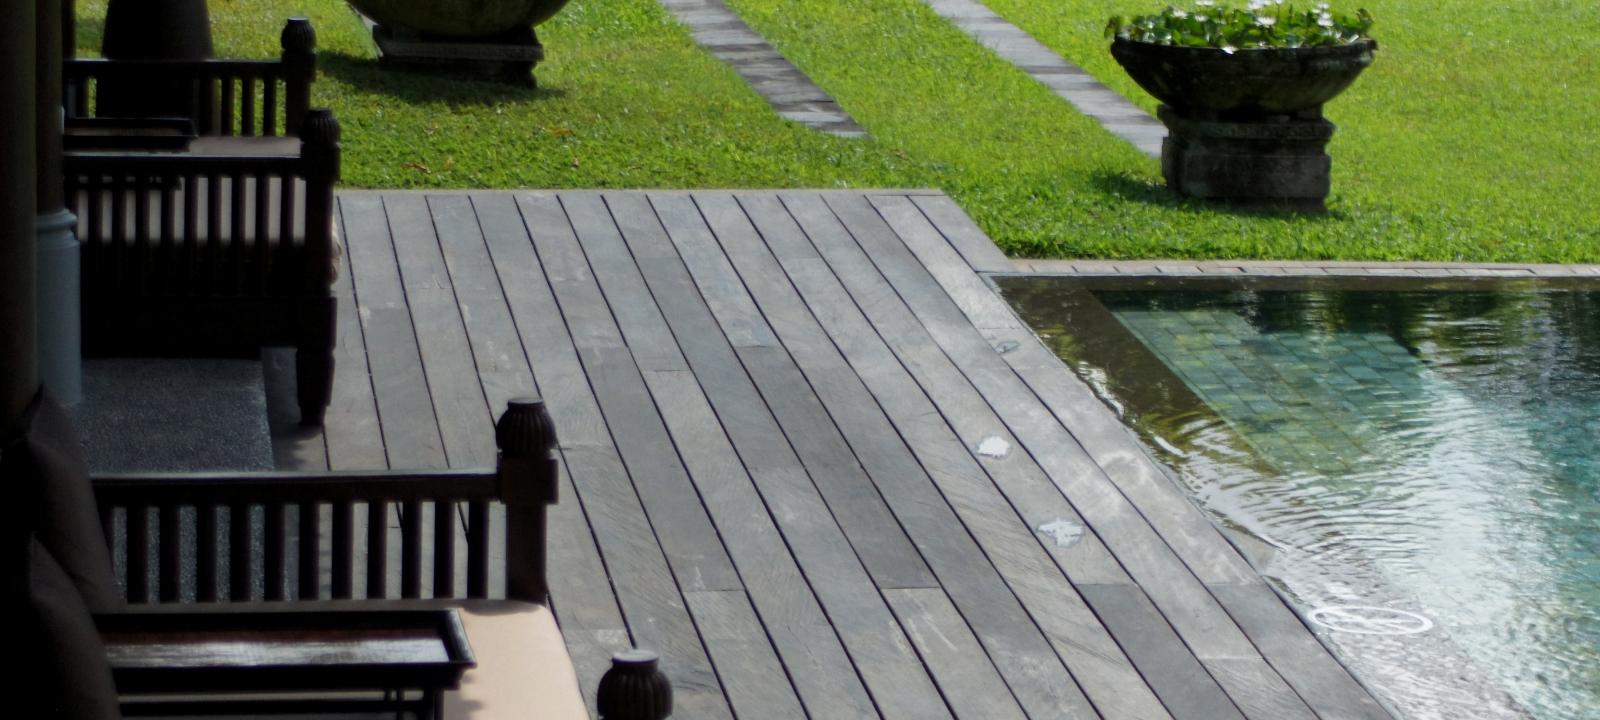 Chedi Club Ubud decking installation